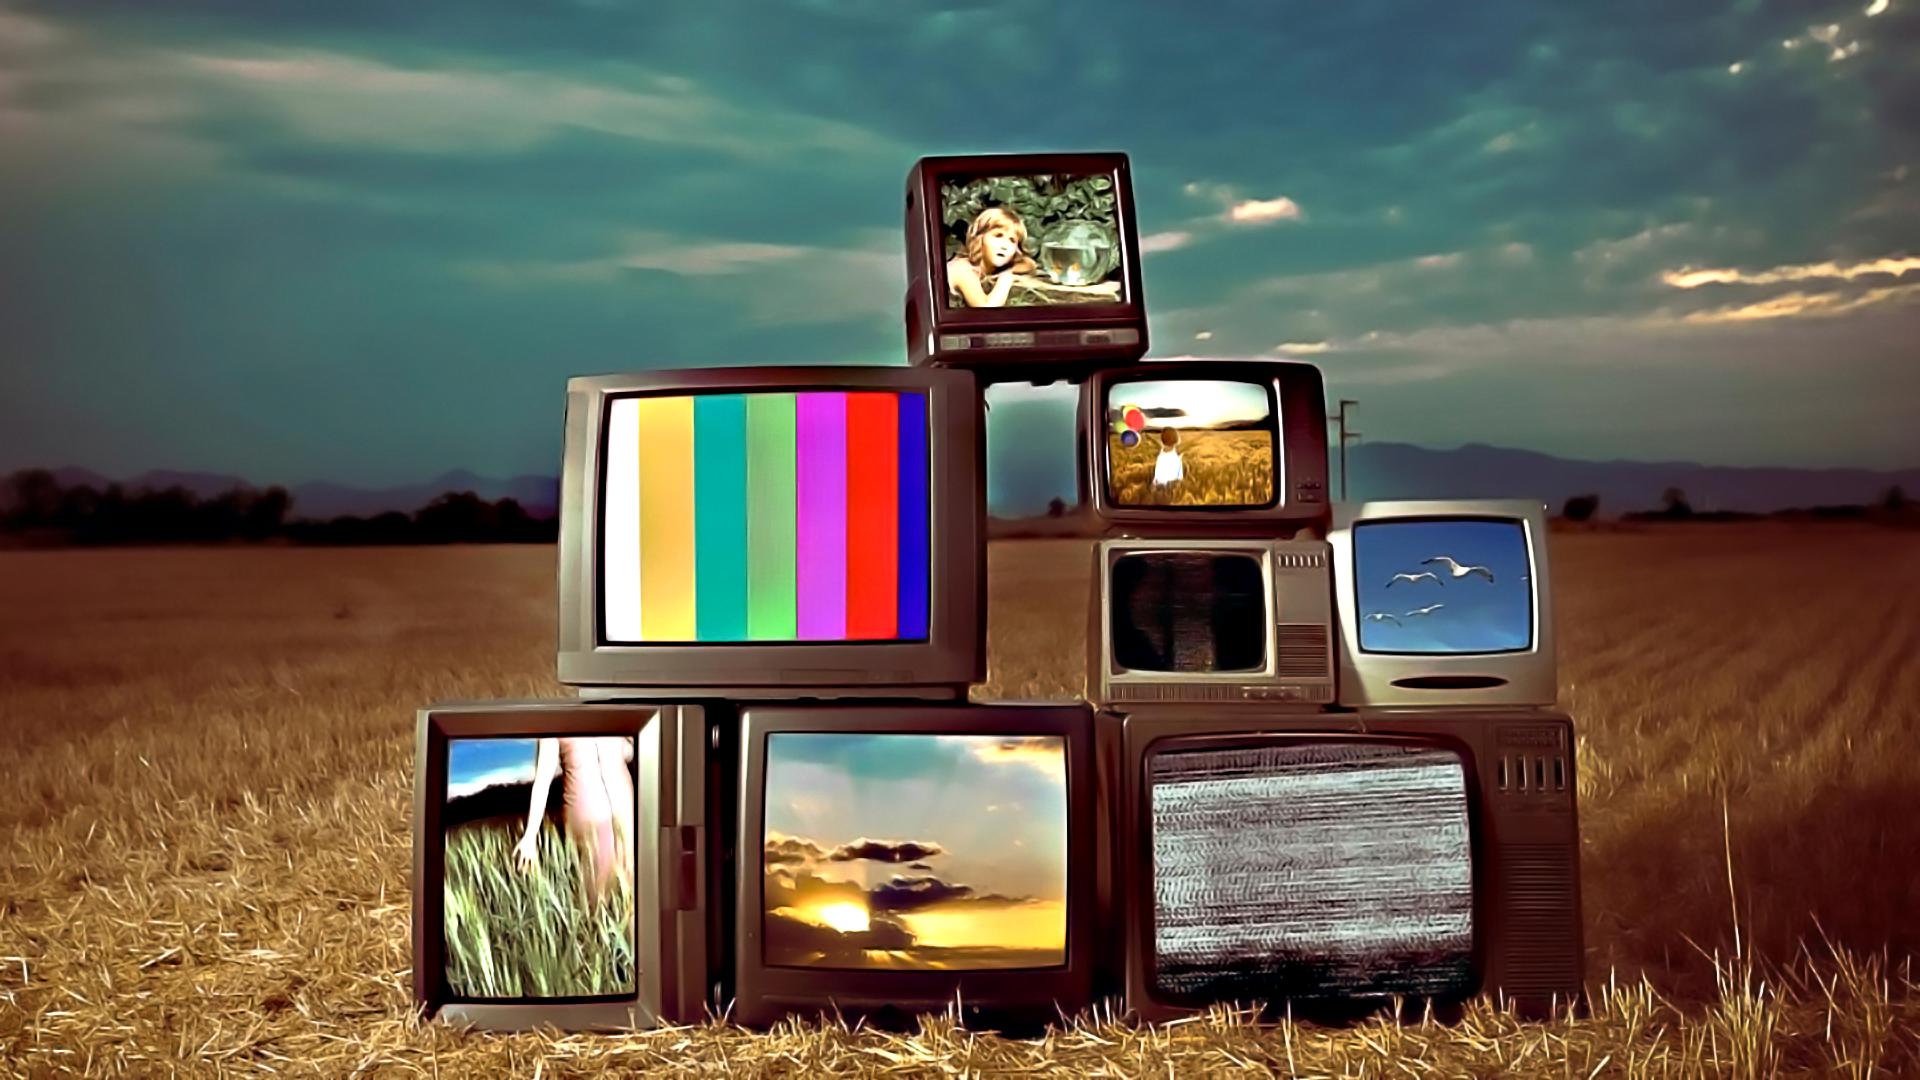 مرگ تلویزیون های سنتی نزدیک است!